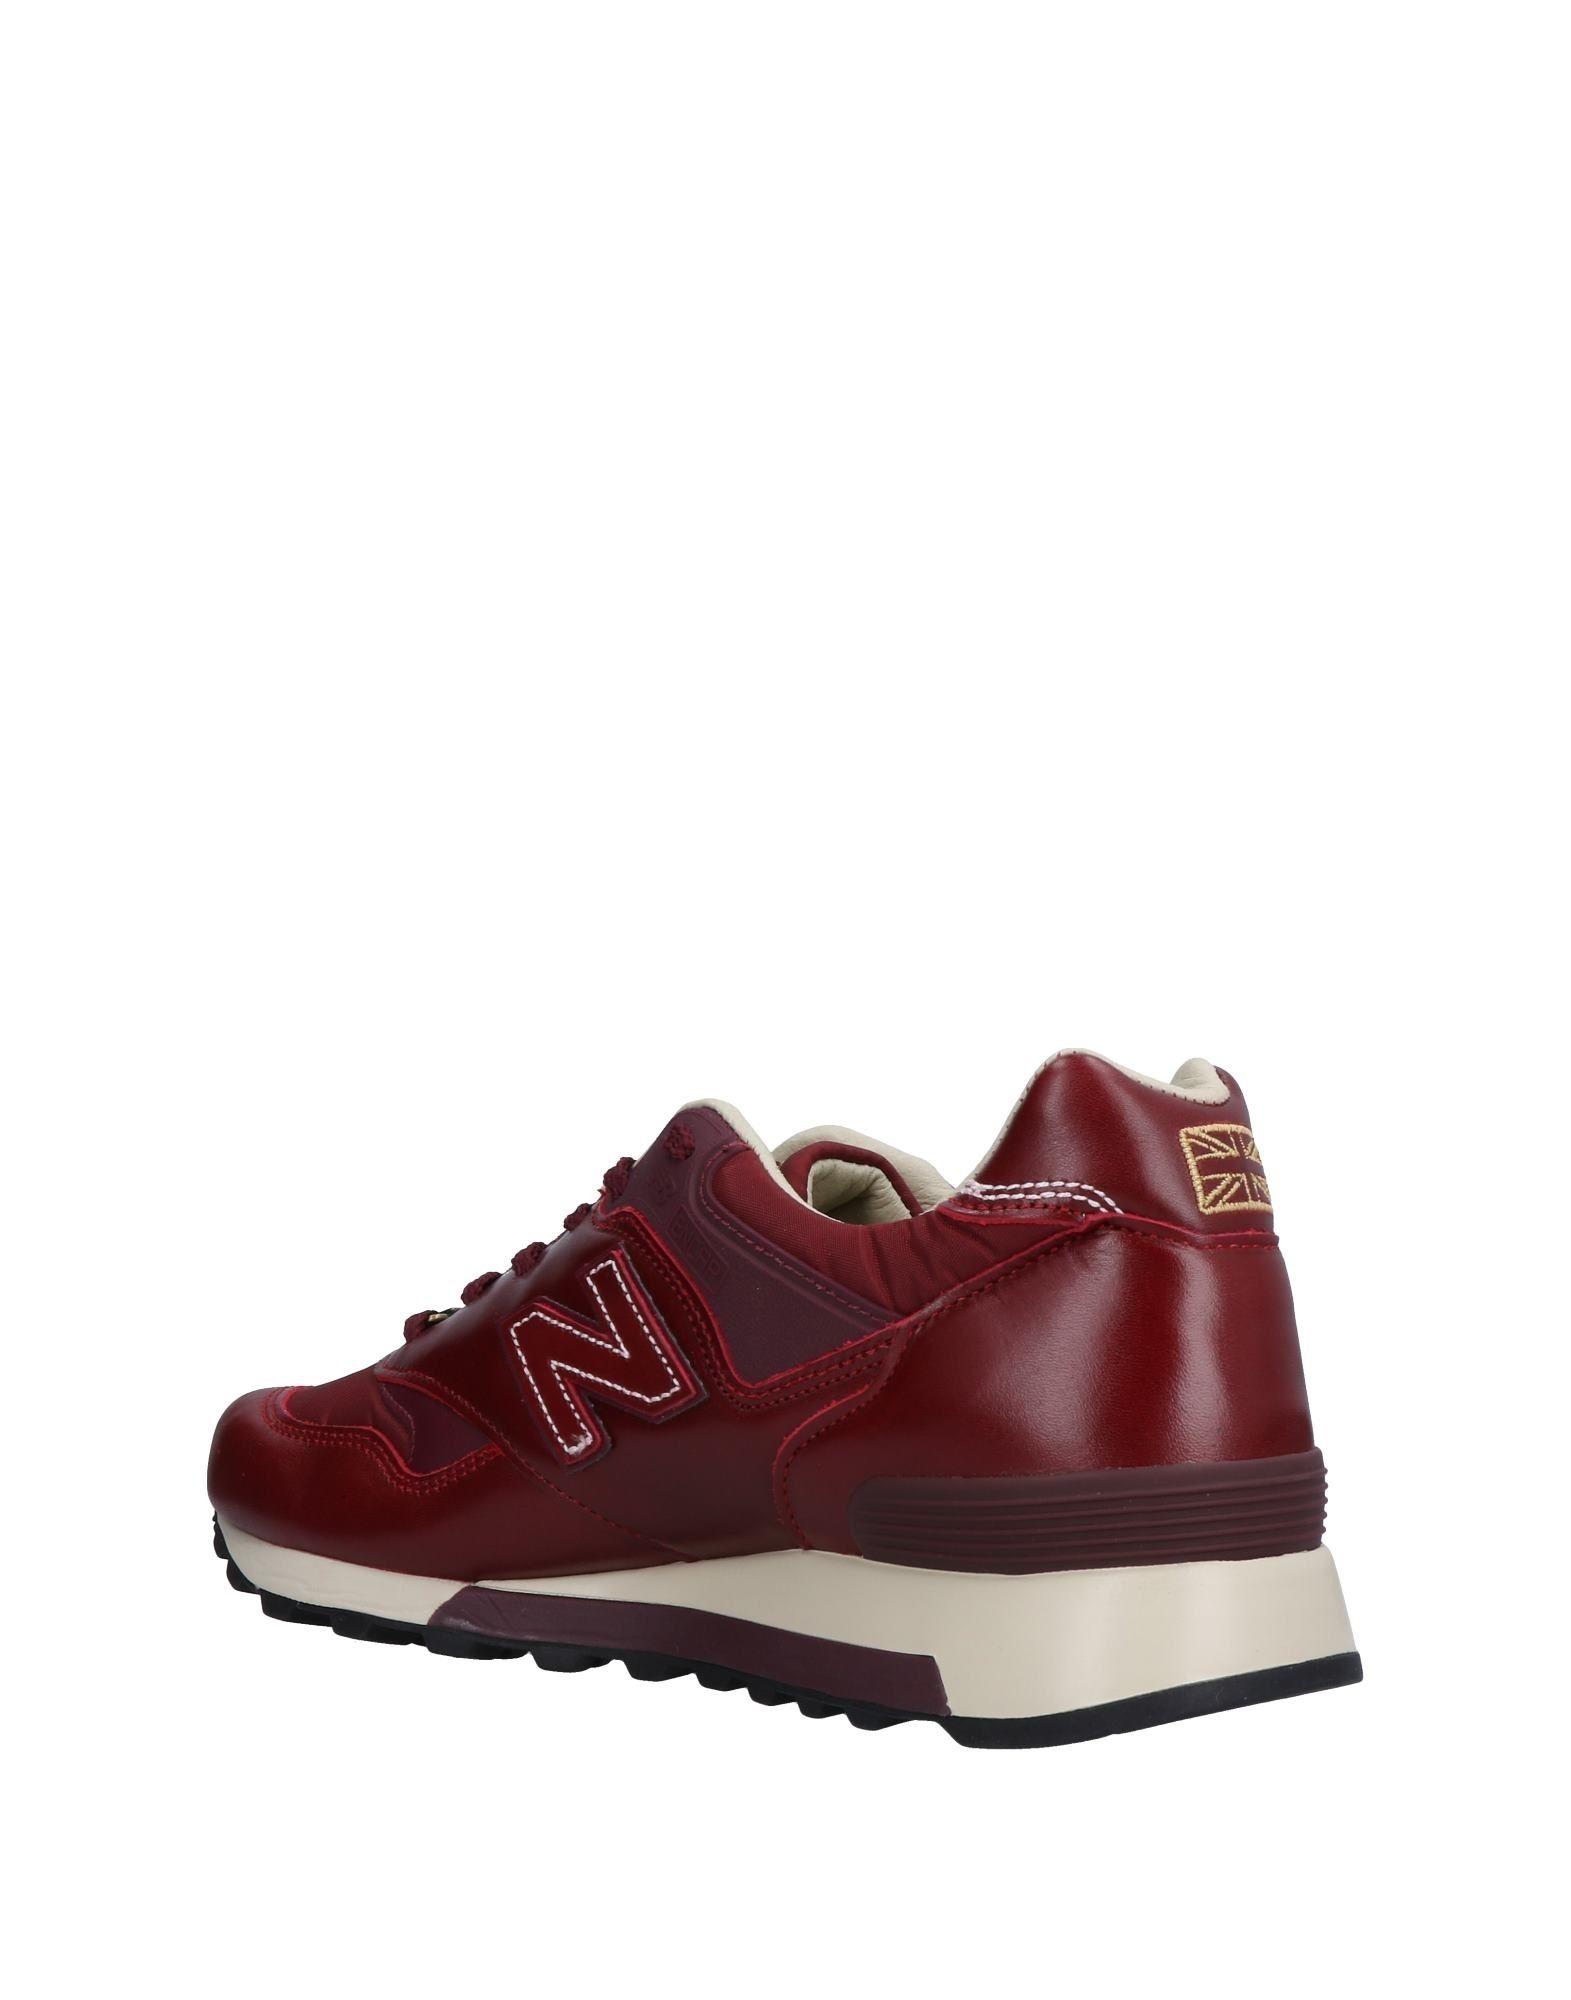 New Balance Sneakers Herren  11512465IB Gute Qualität beliebte Schuhe Schuhe beliebte cd0362